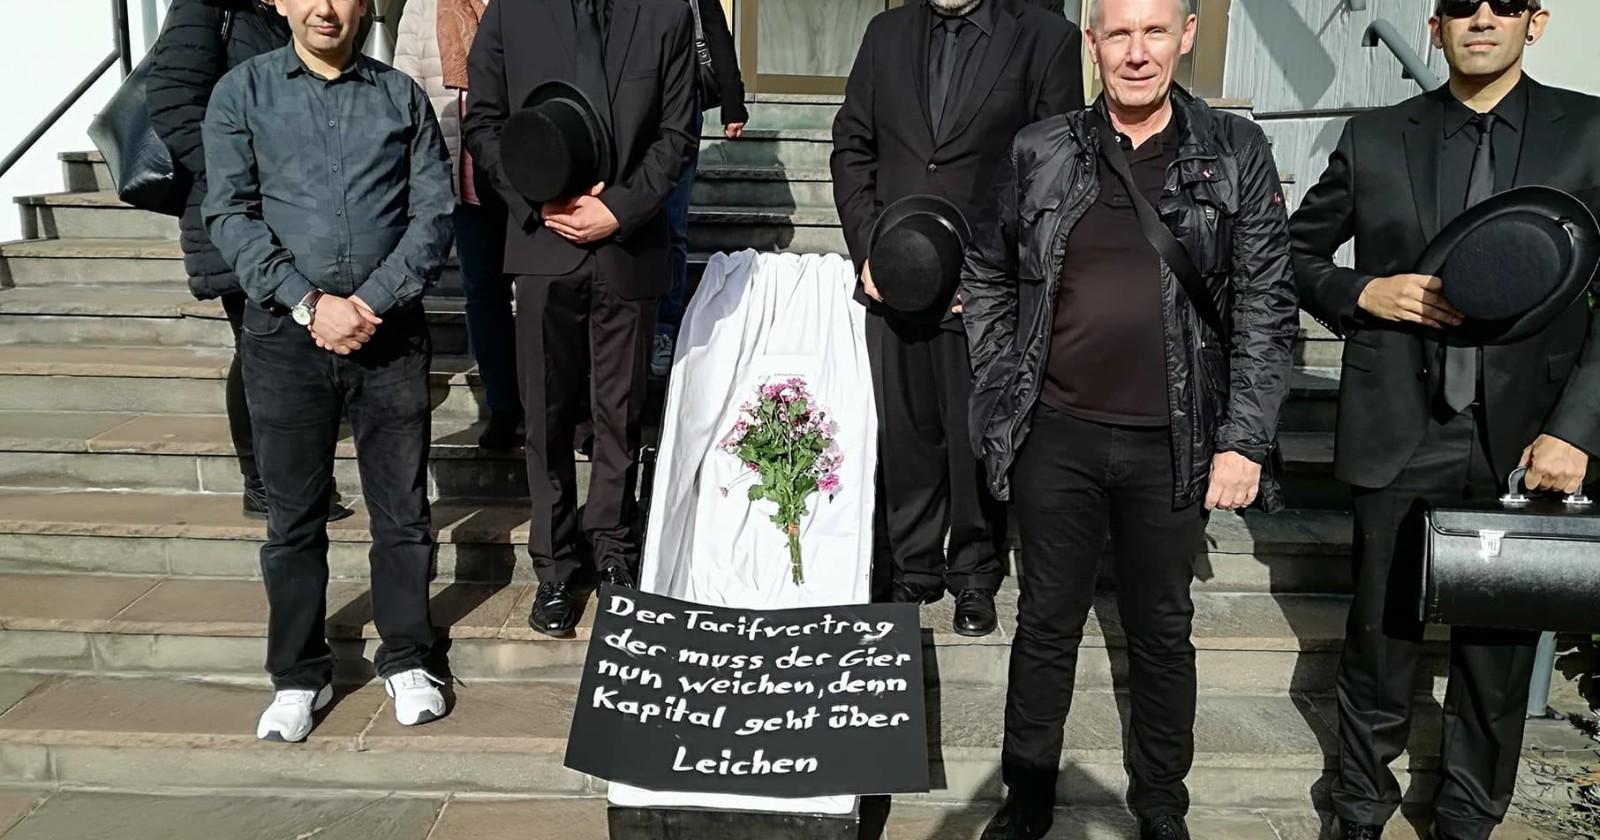 Trauerzug in Hessen gesichtet - Der Tarifvertrag, der muss nun weichen, denn Kapital geht über Leichen